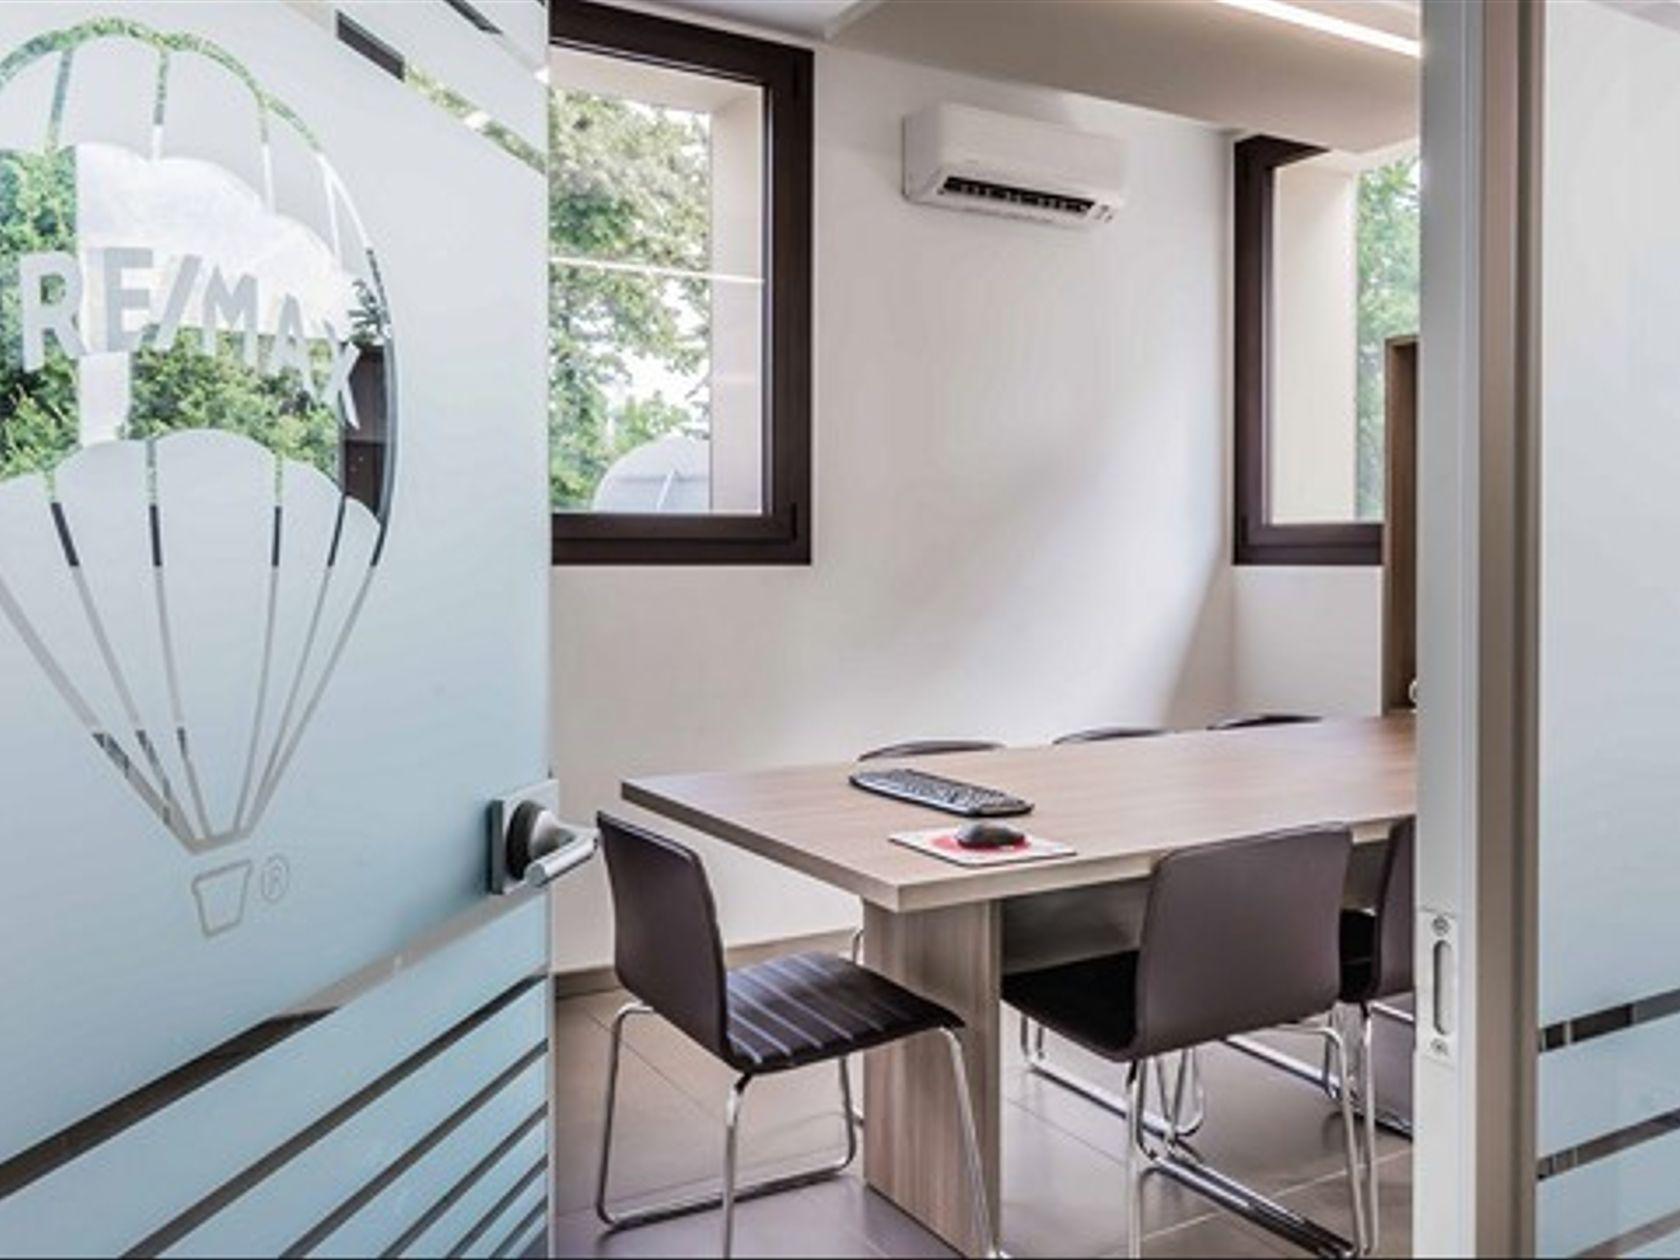 RE/MAX Professionisti Immobiliari Associati Busto Arsizio - Foto 3